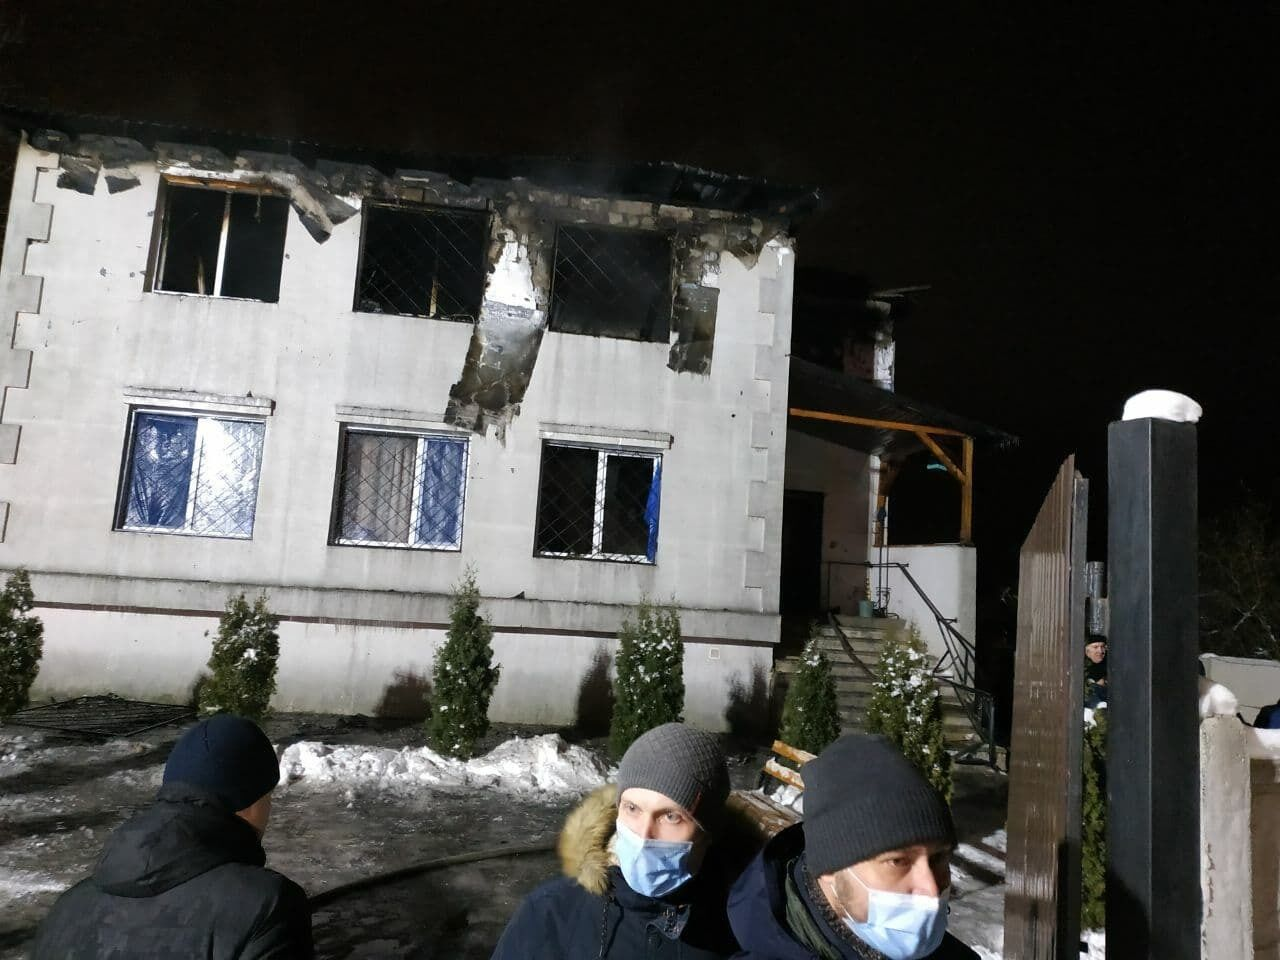 Будинок для літніх людей у Харкові, де загинуло 15 людей